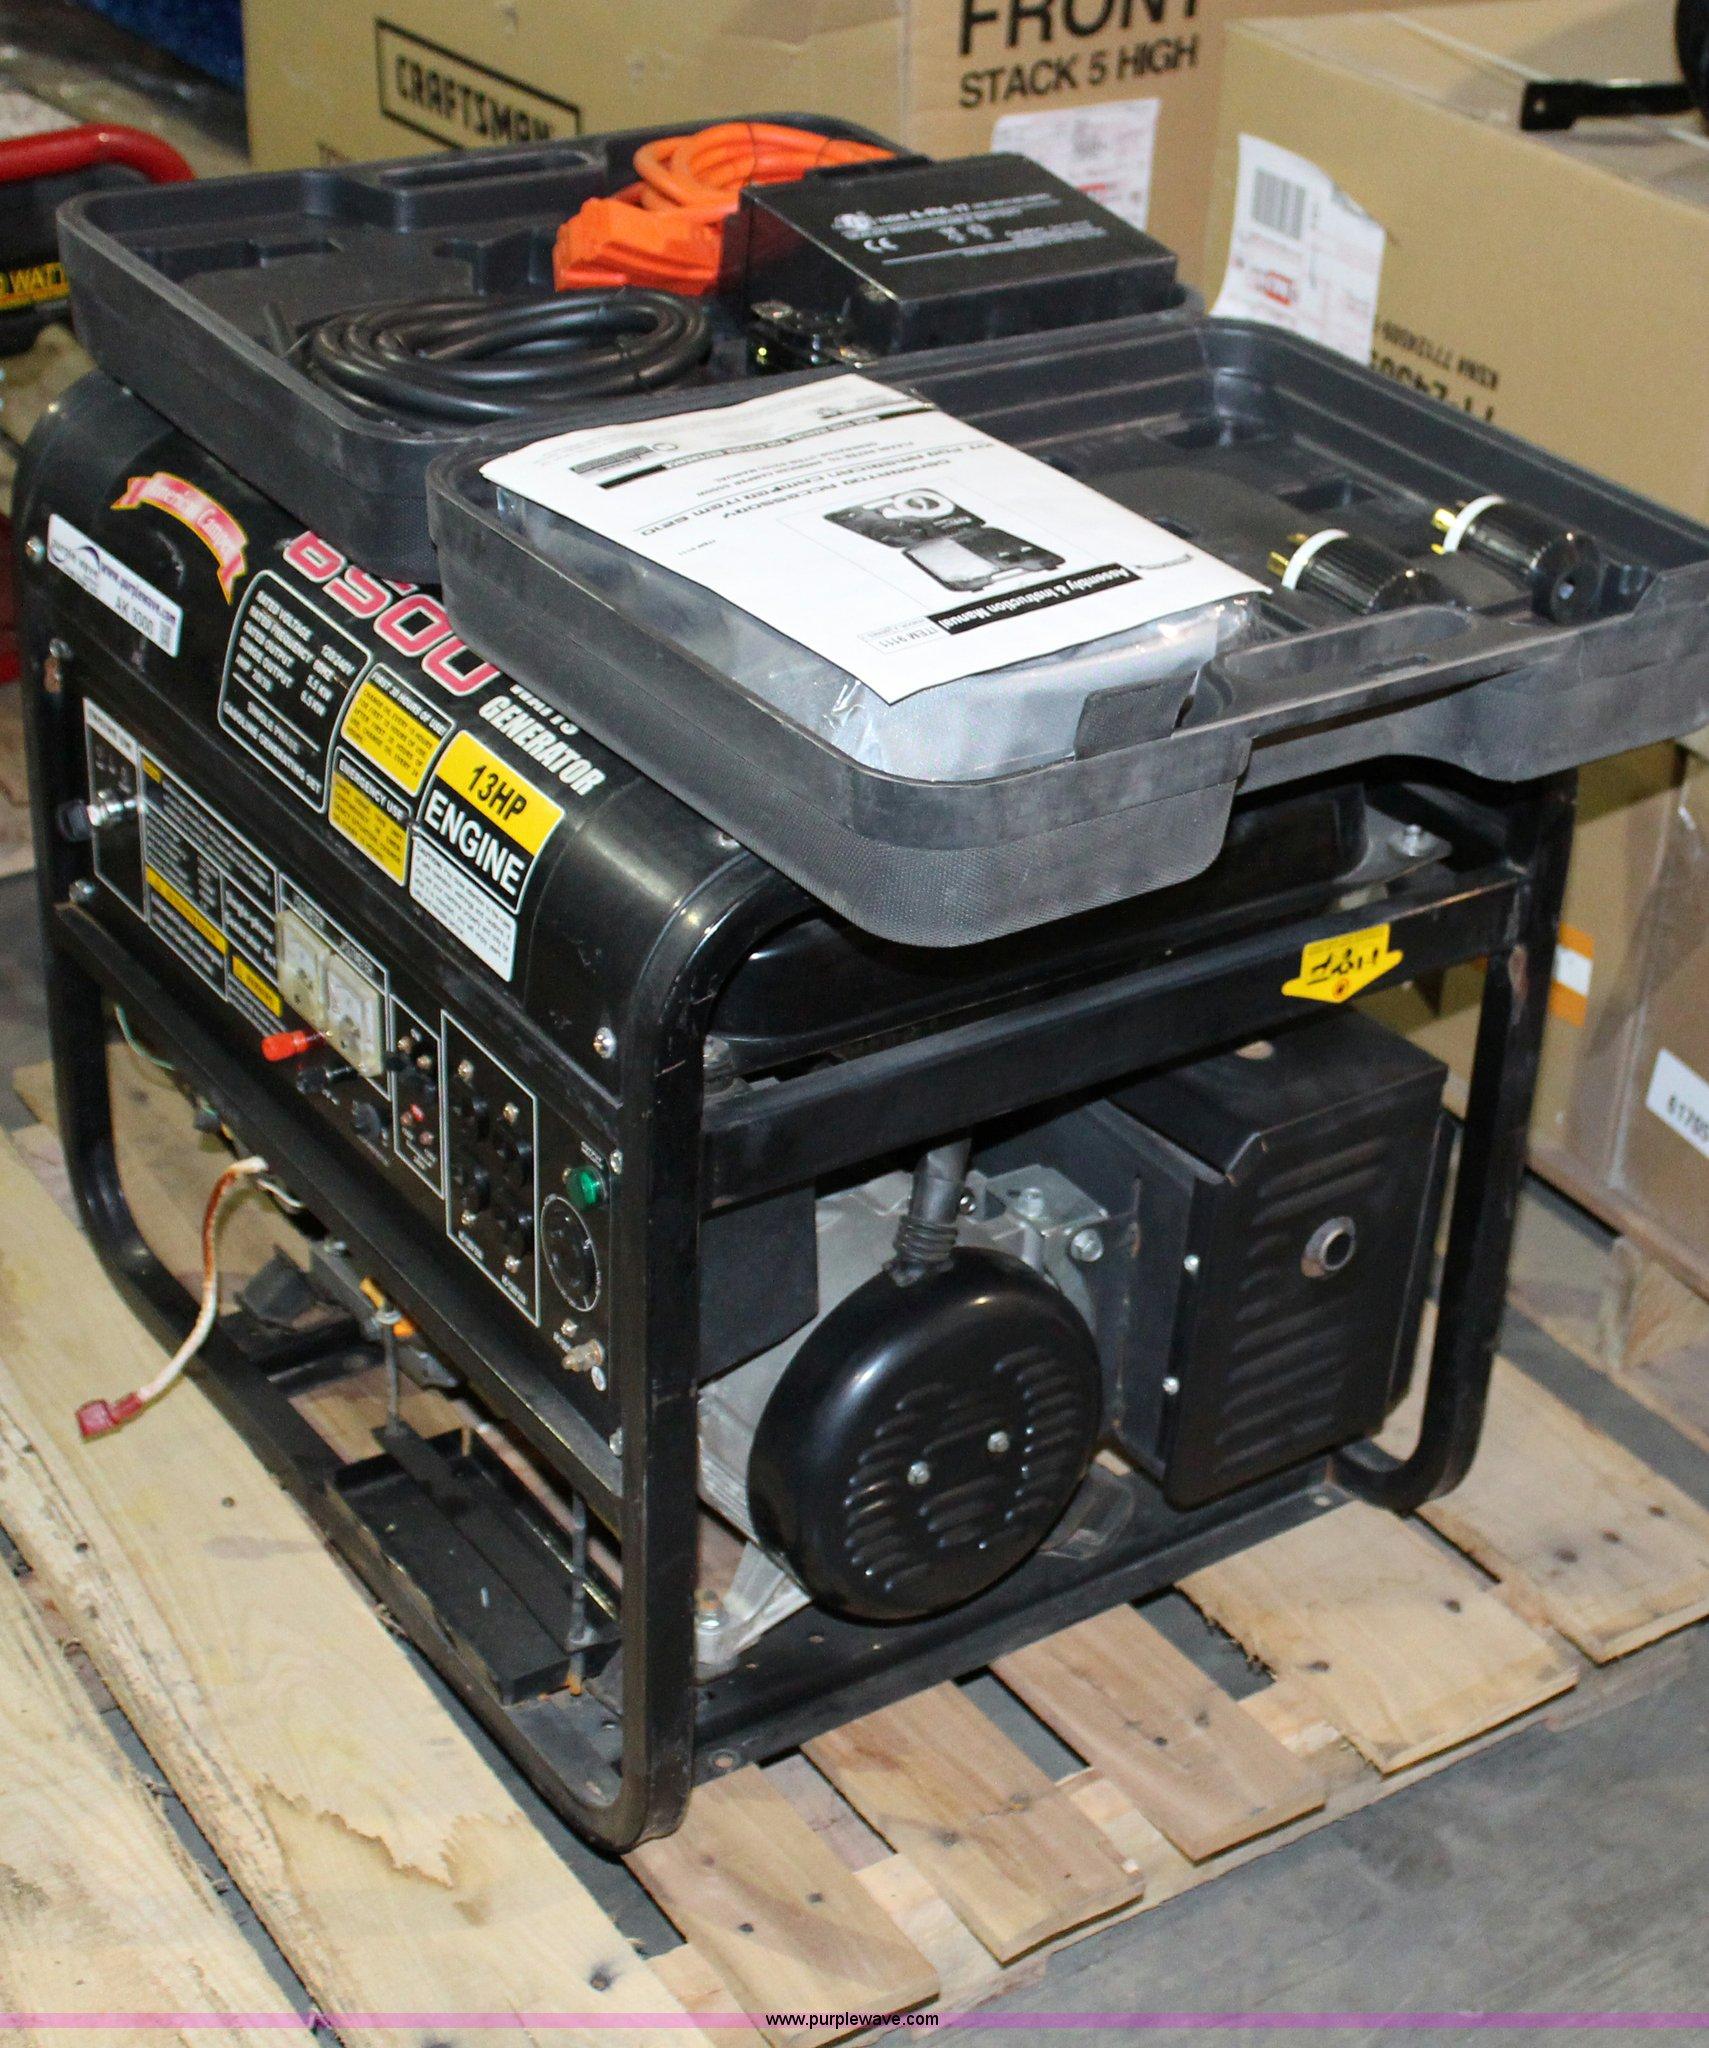 ... American Camper 6,500 watt generator Full size in new window ...